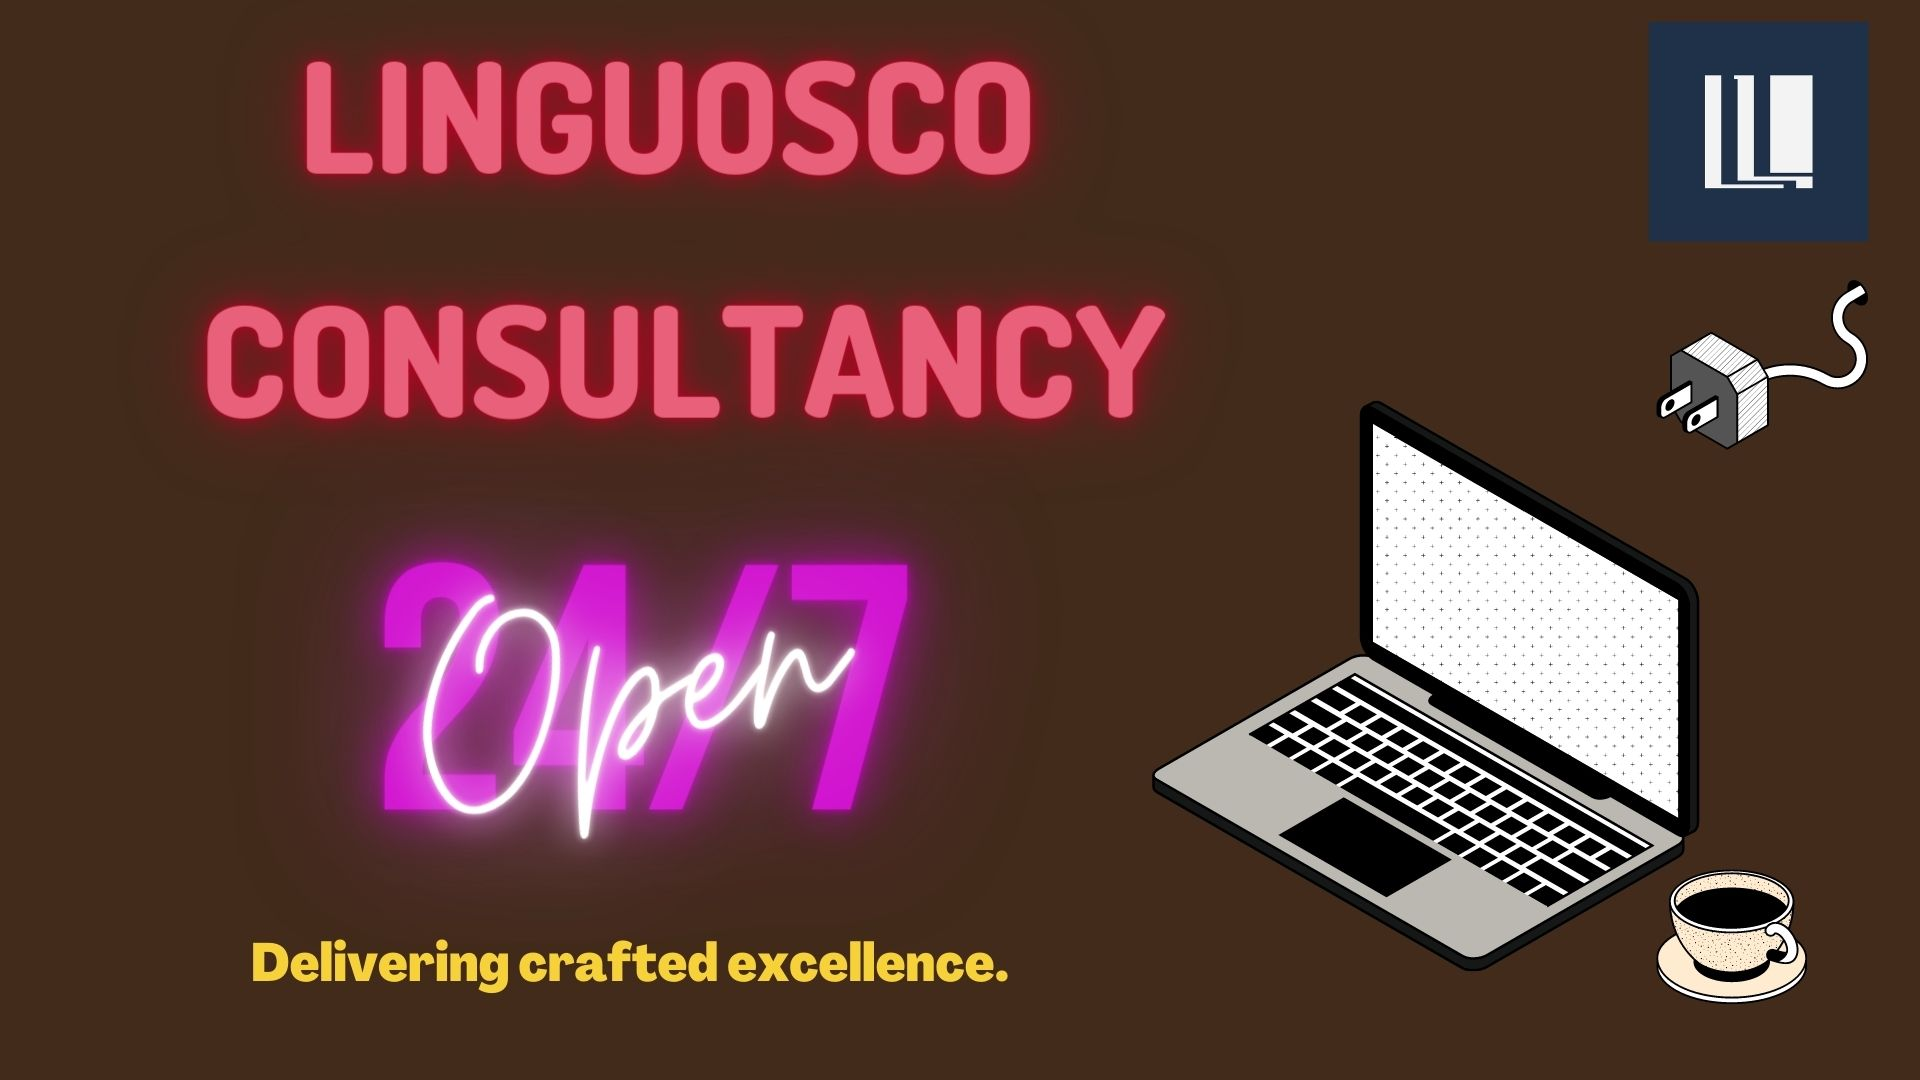 Linguosco Consultancy - 24/7